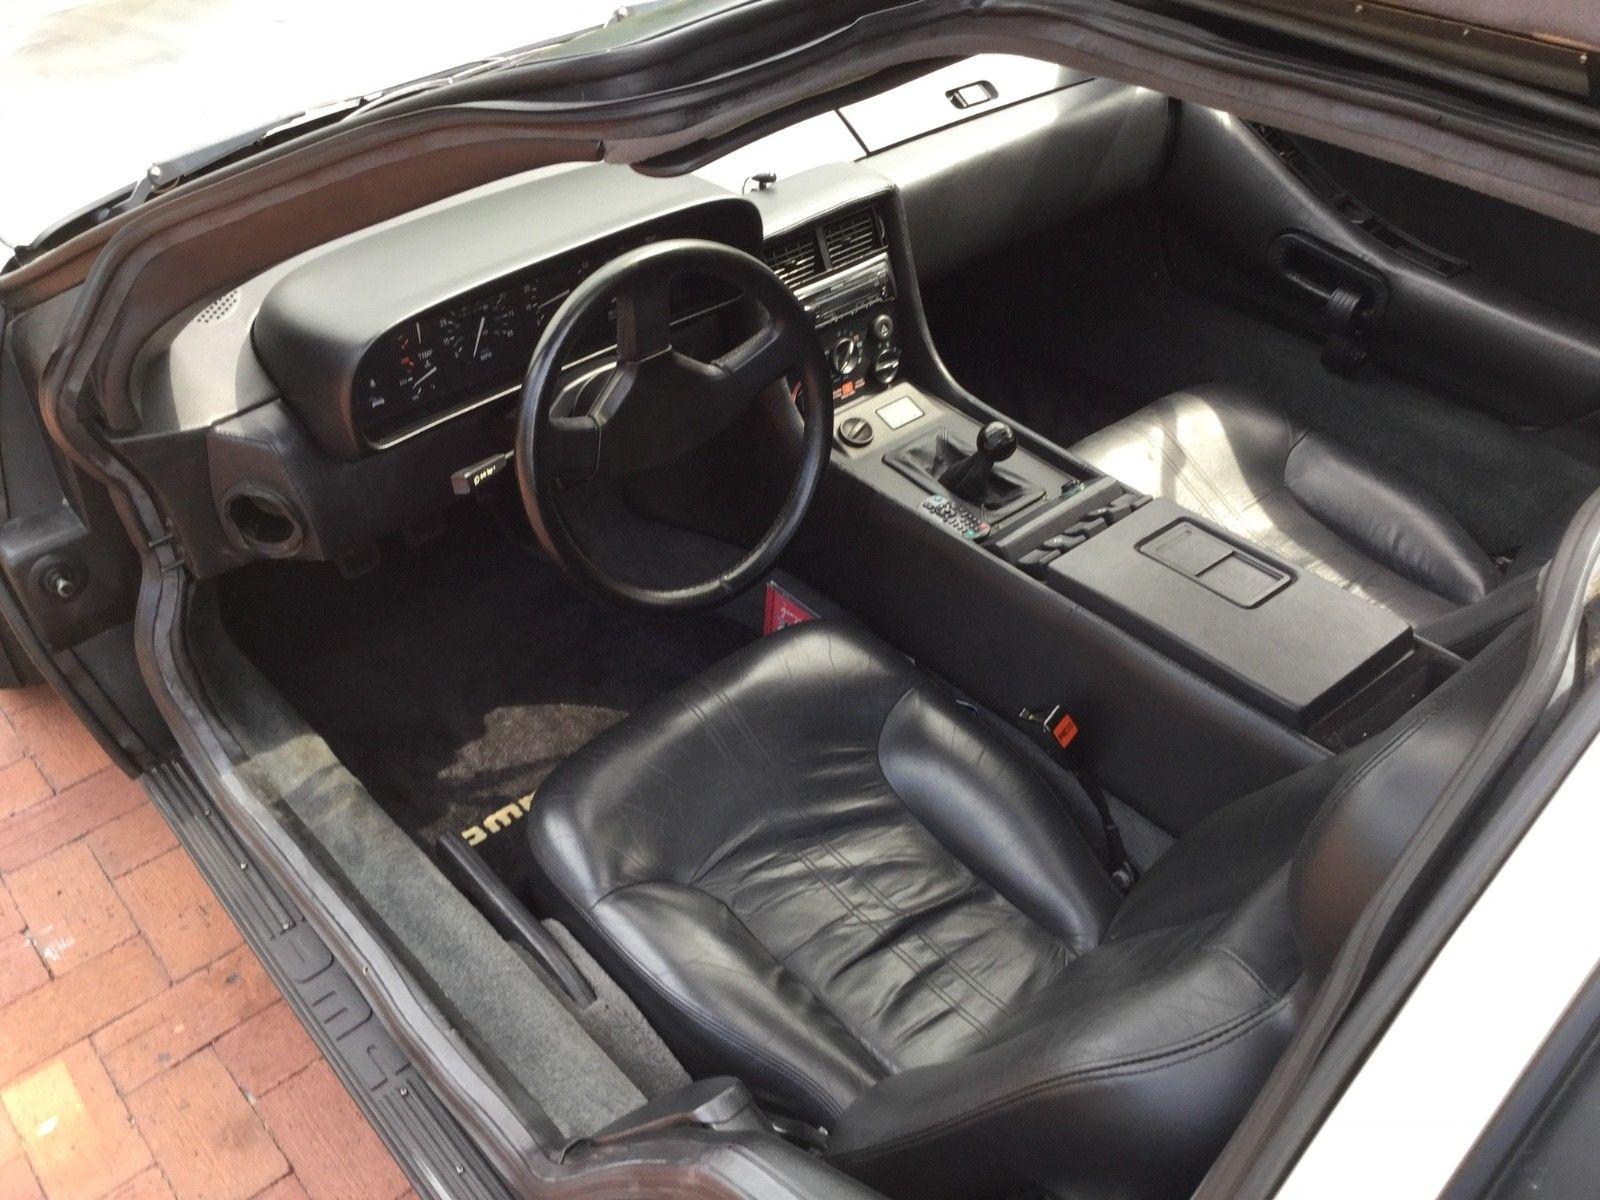 1981 DeLorean DMC-12 interior